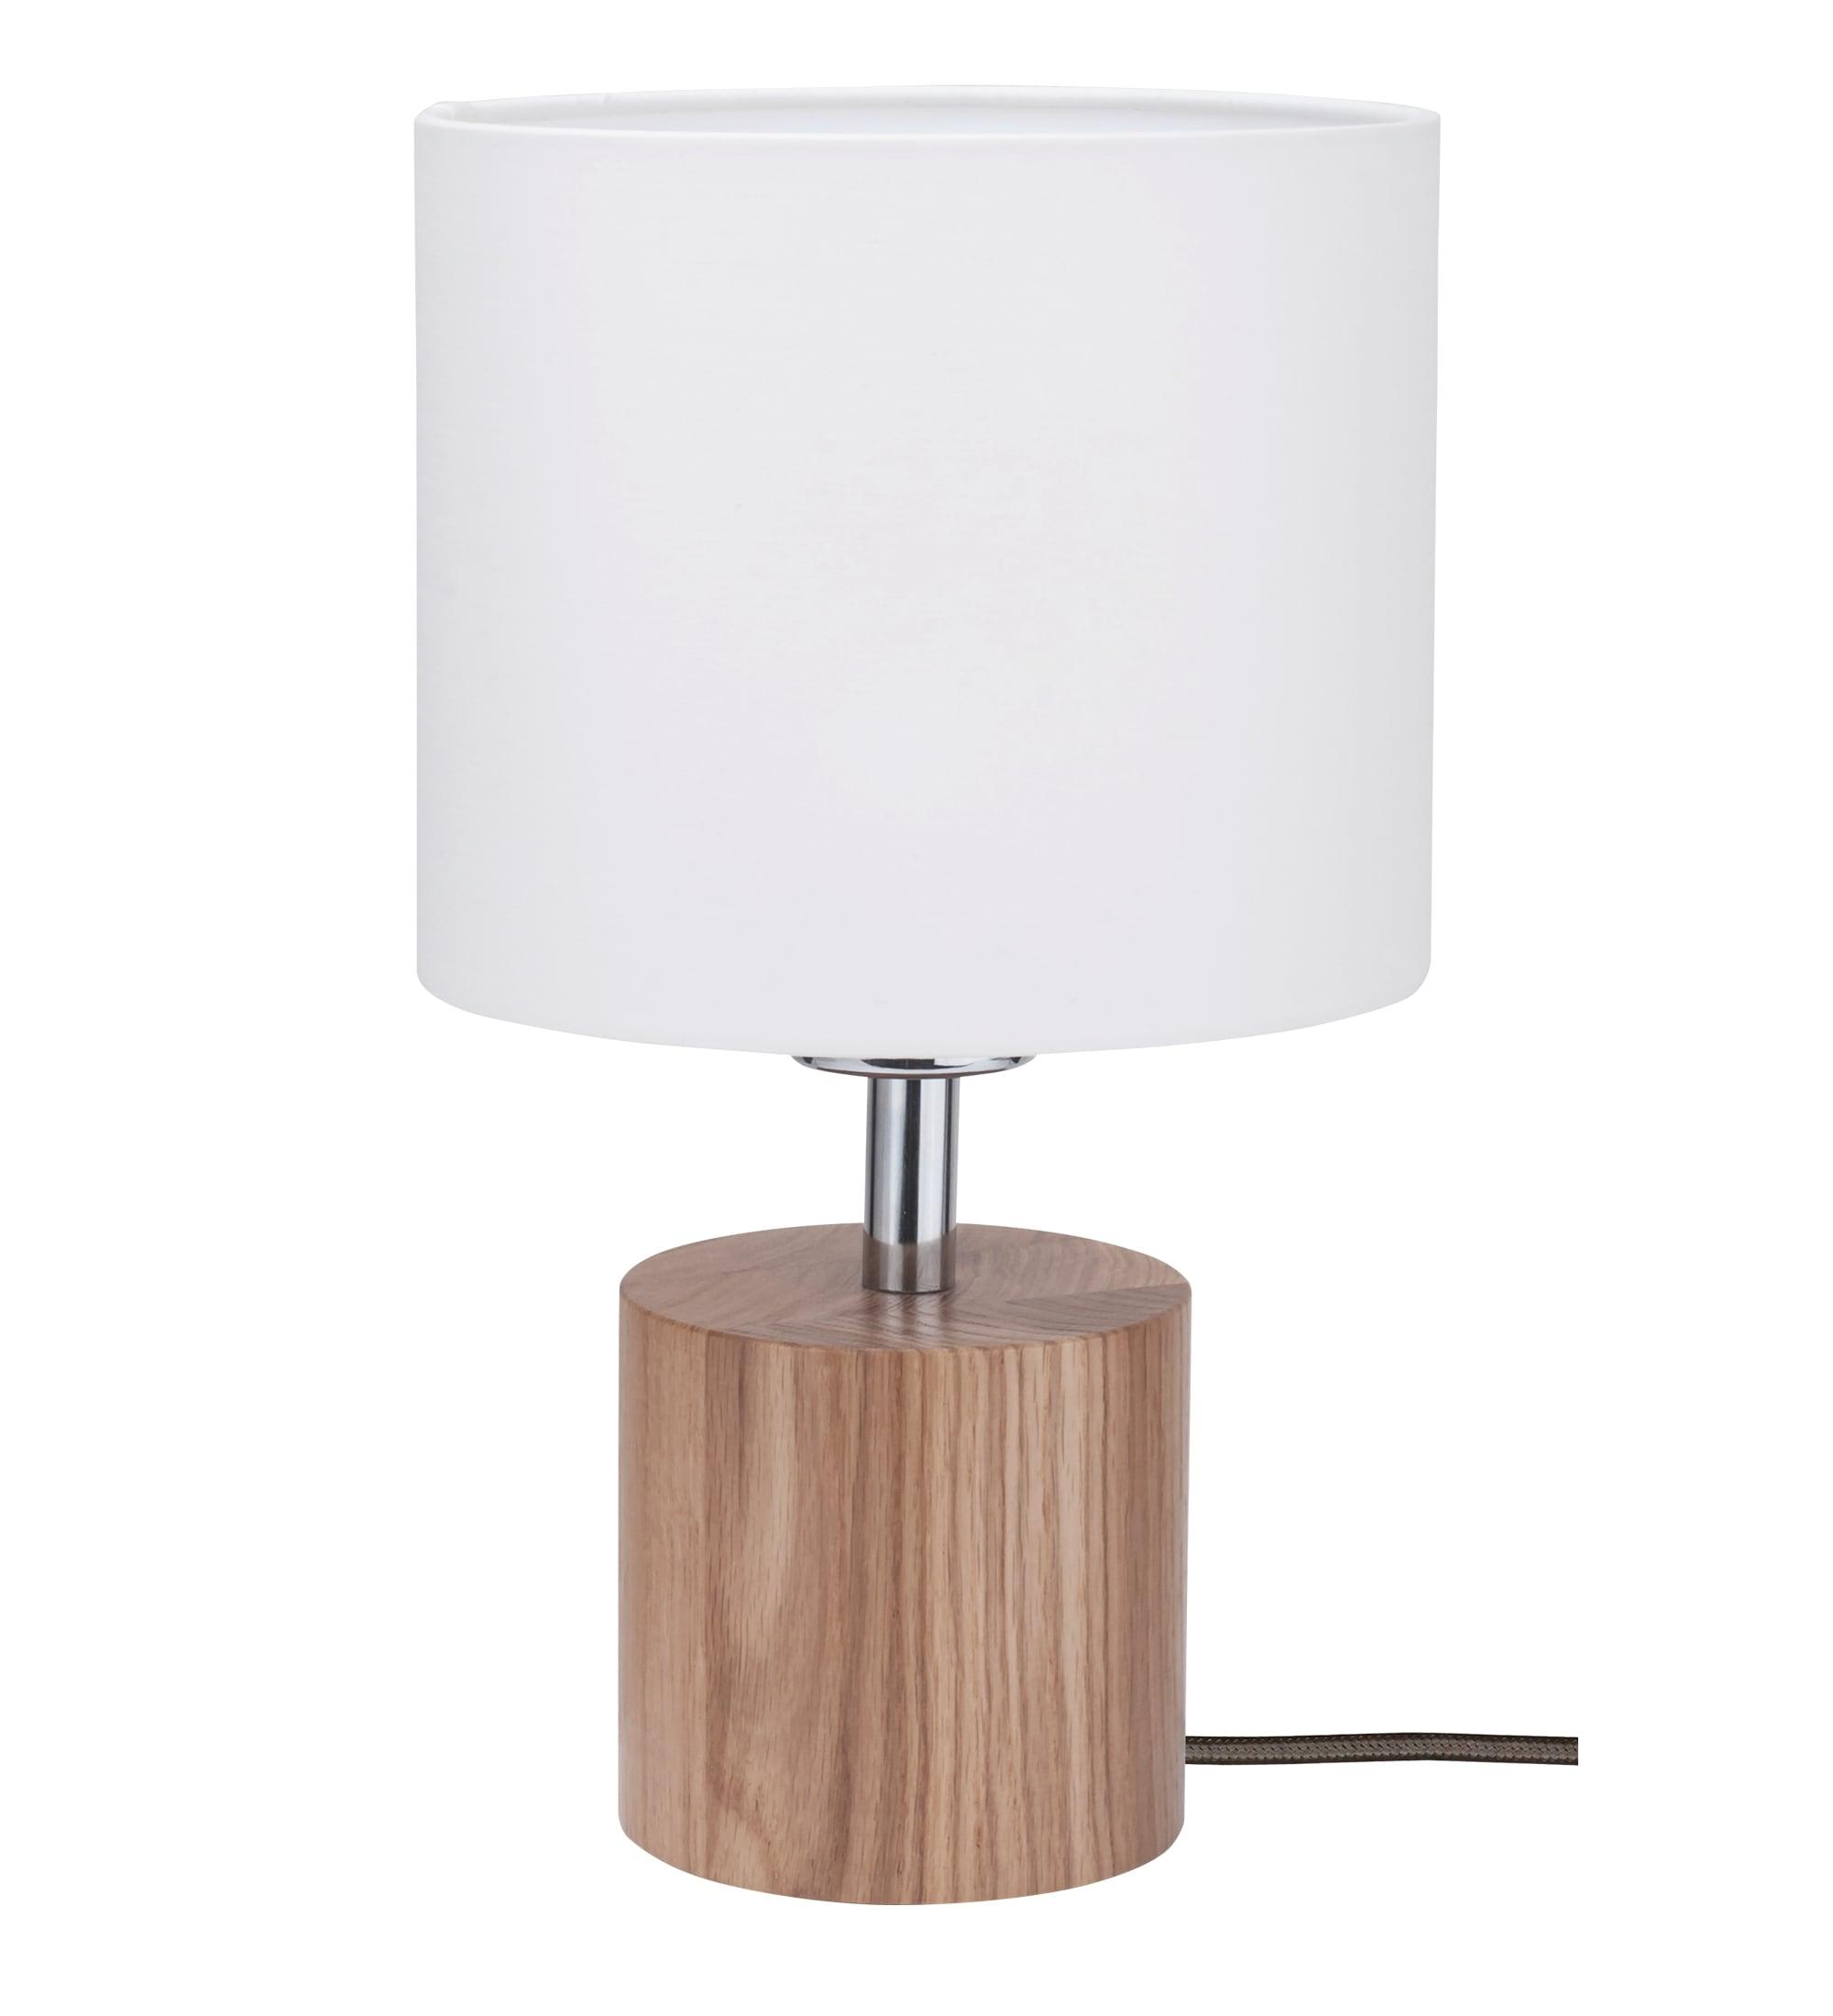 Stolní lampa Trongo dub různé barvy kabel bílá E27 60W